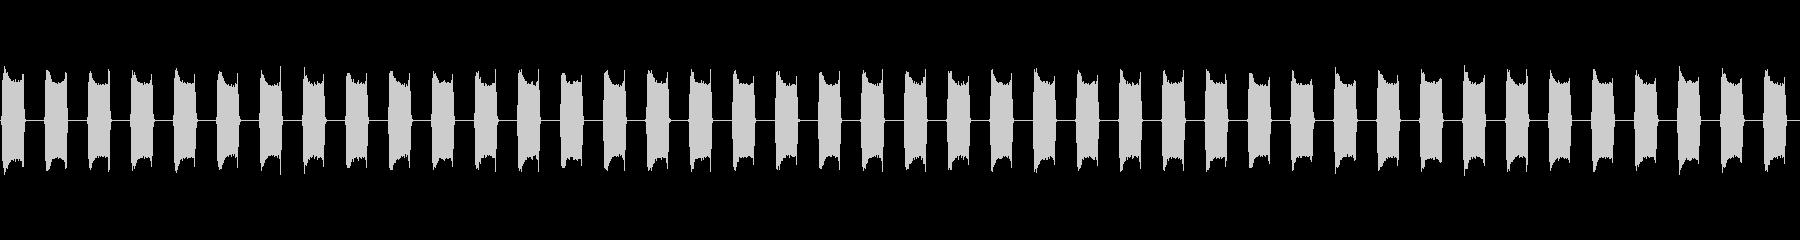 スマホ・携帯のバイブ音 ブー・ブーの未再生の波形